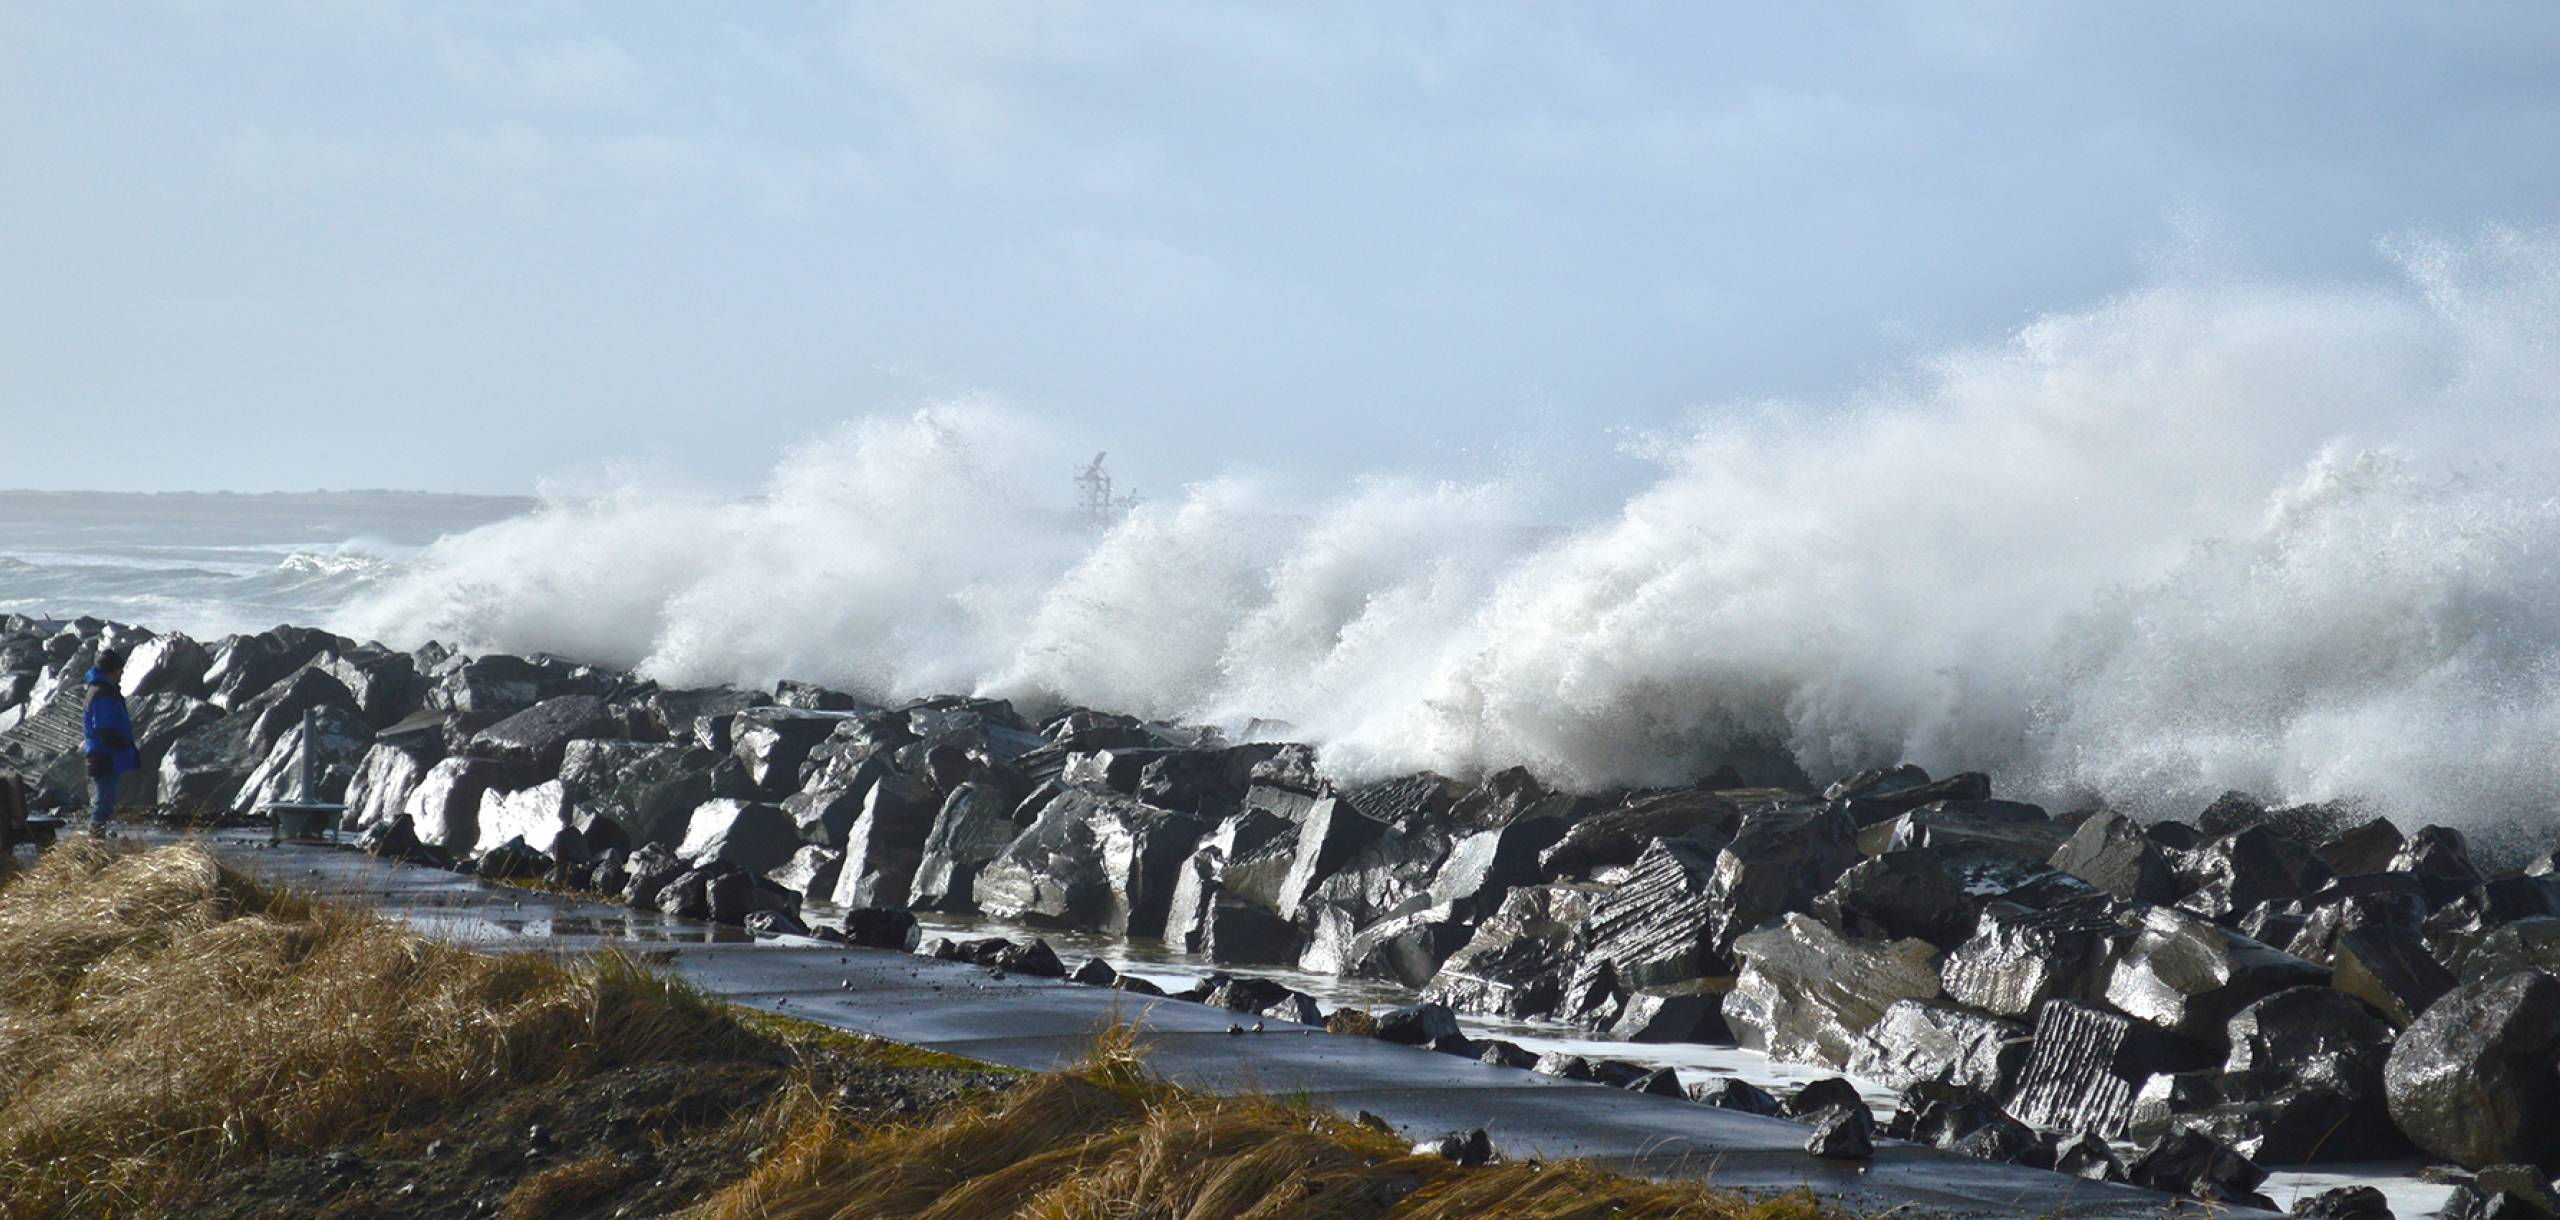 Crashing winter waves at the Marina